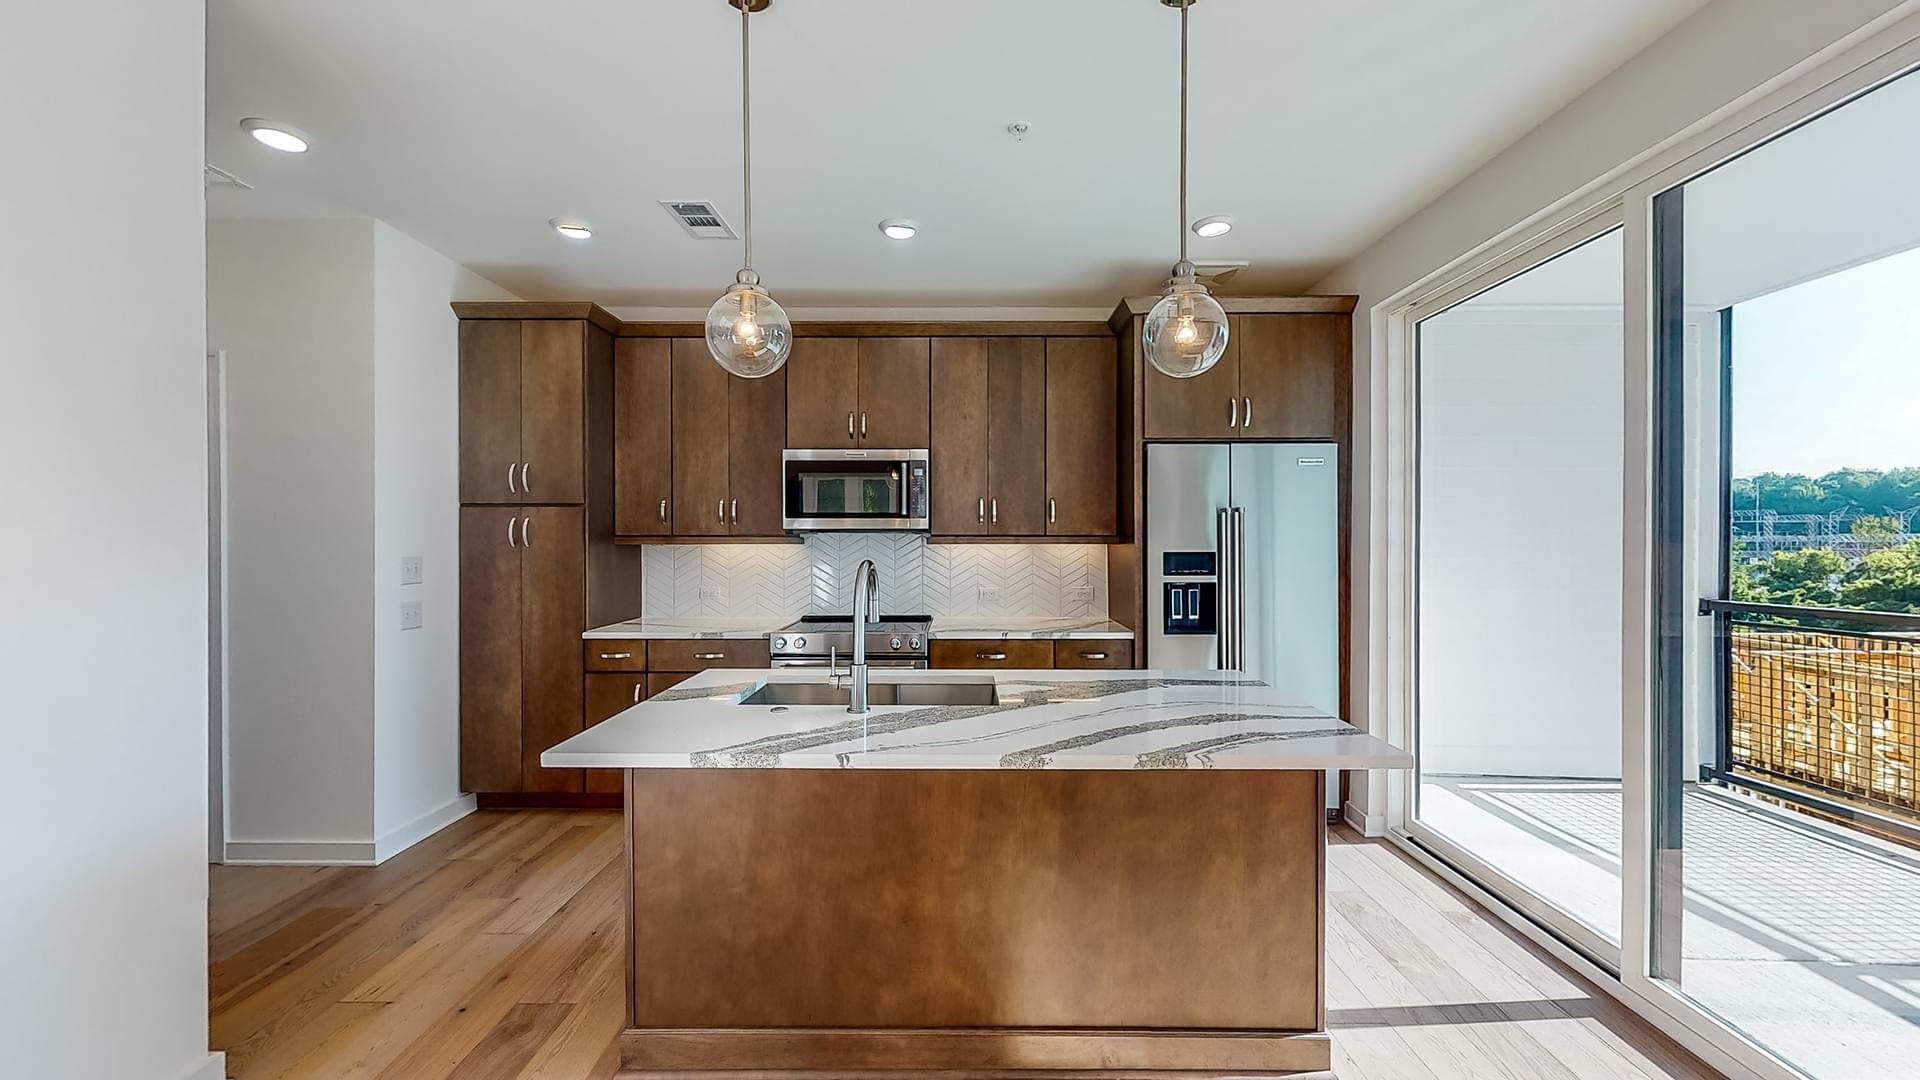 The Brookhaven New Home in Atlanta GA